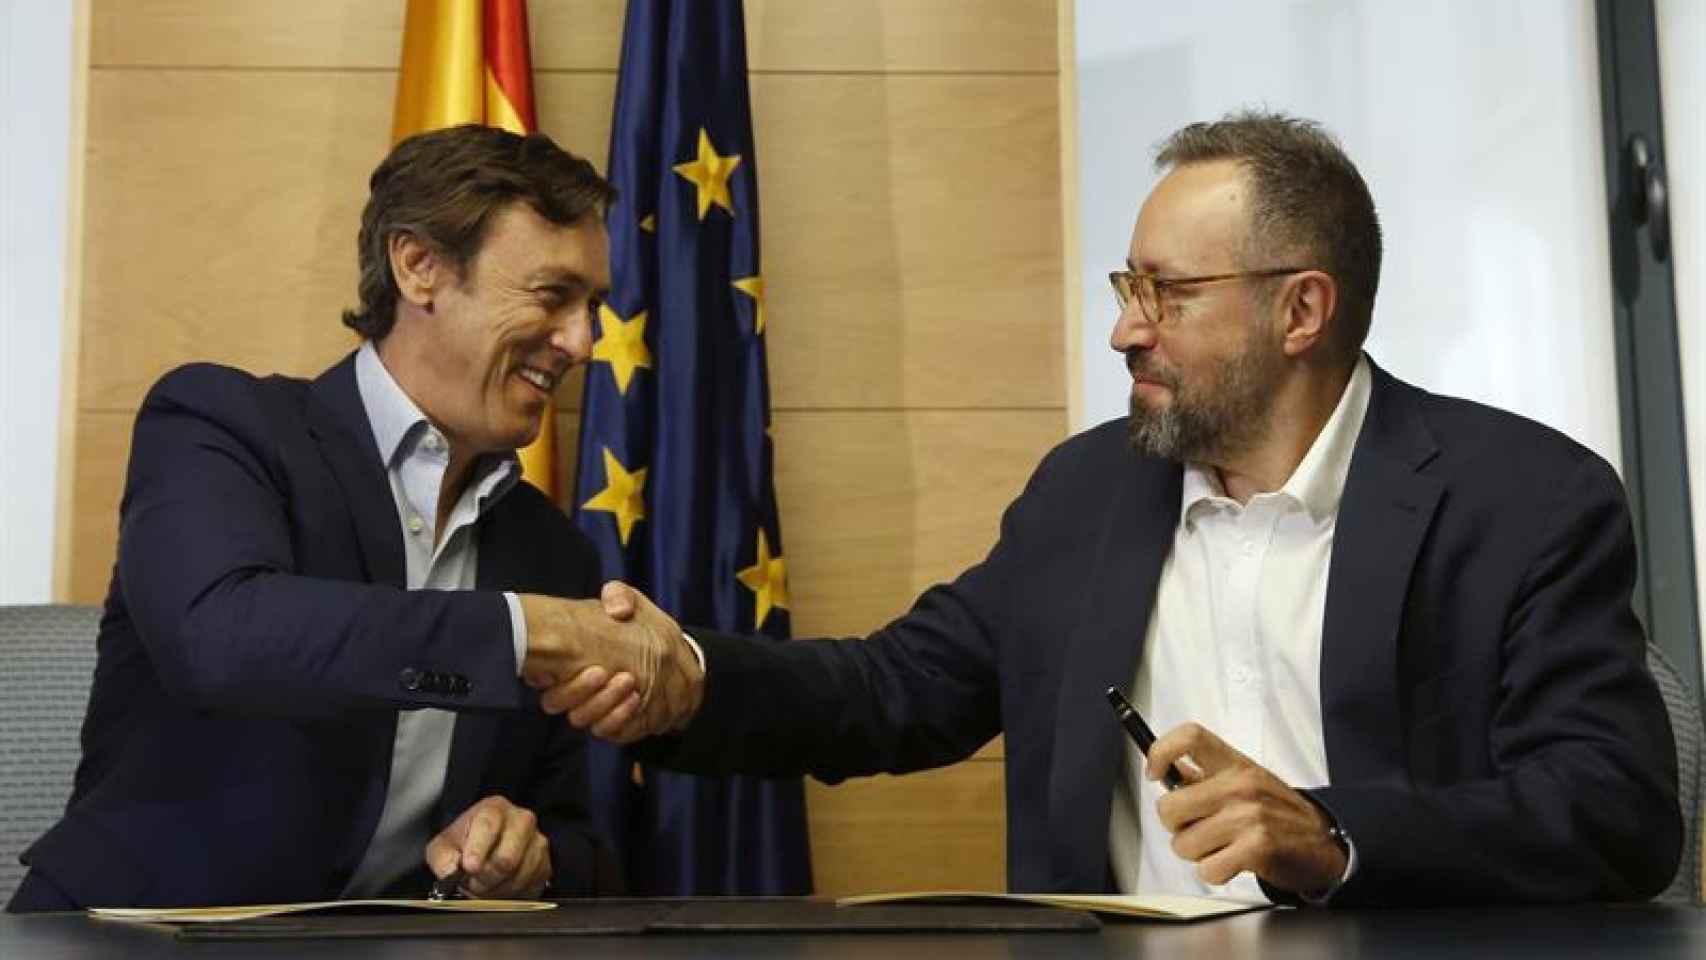 Los portavoces parlamentarios del PP, Rafael Hernando (i), y de Ciudadanos, Juan Carlos Girauta (d), durante la firma del pacto anticorrupción/ Juan Carlos Hidalgo/ EFE